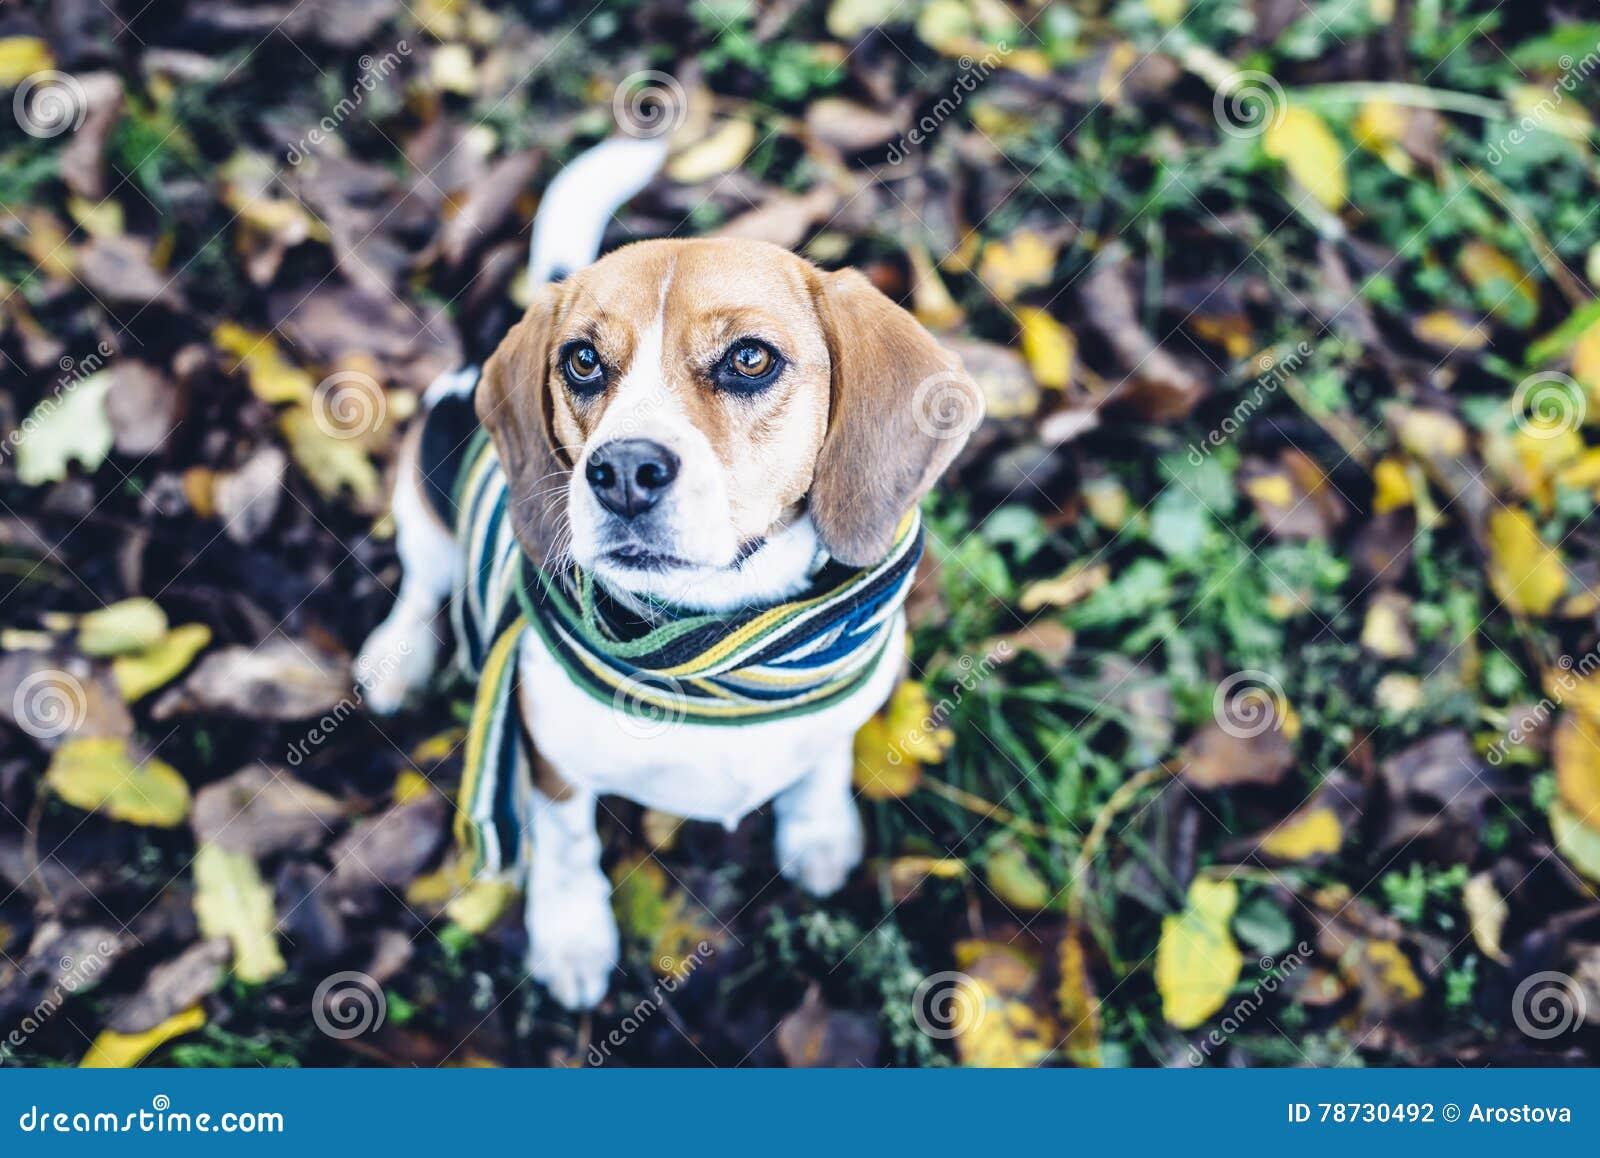 Beaglehund i randigt halsduksammanträde på jordning som täckas med stupade sidor i autum